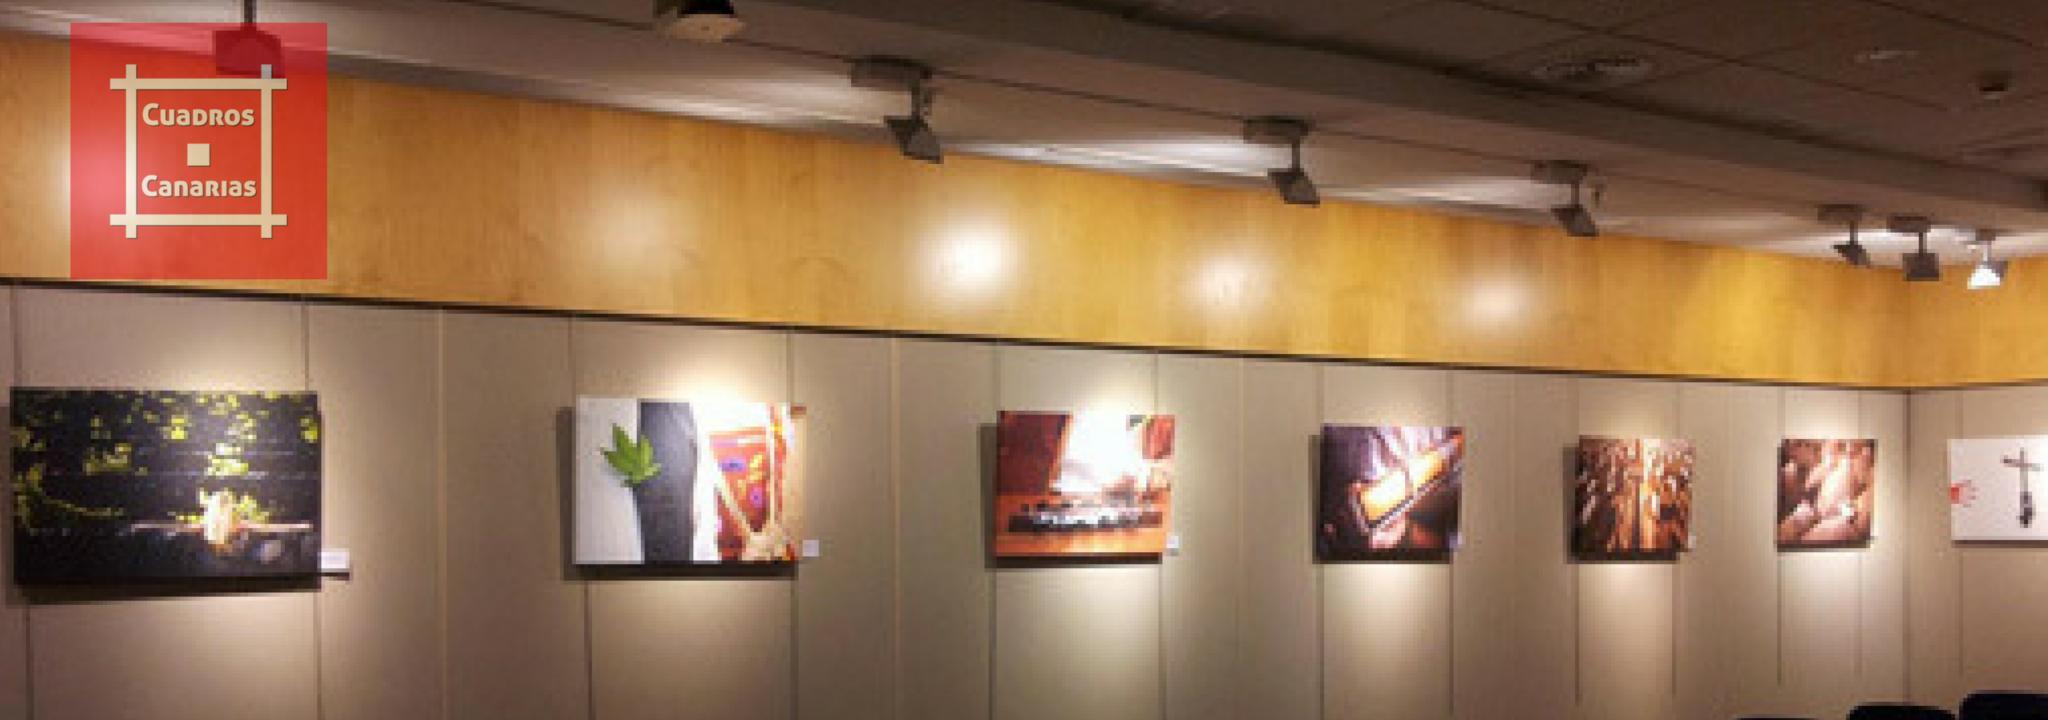 Exposiciones canarias